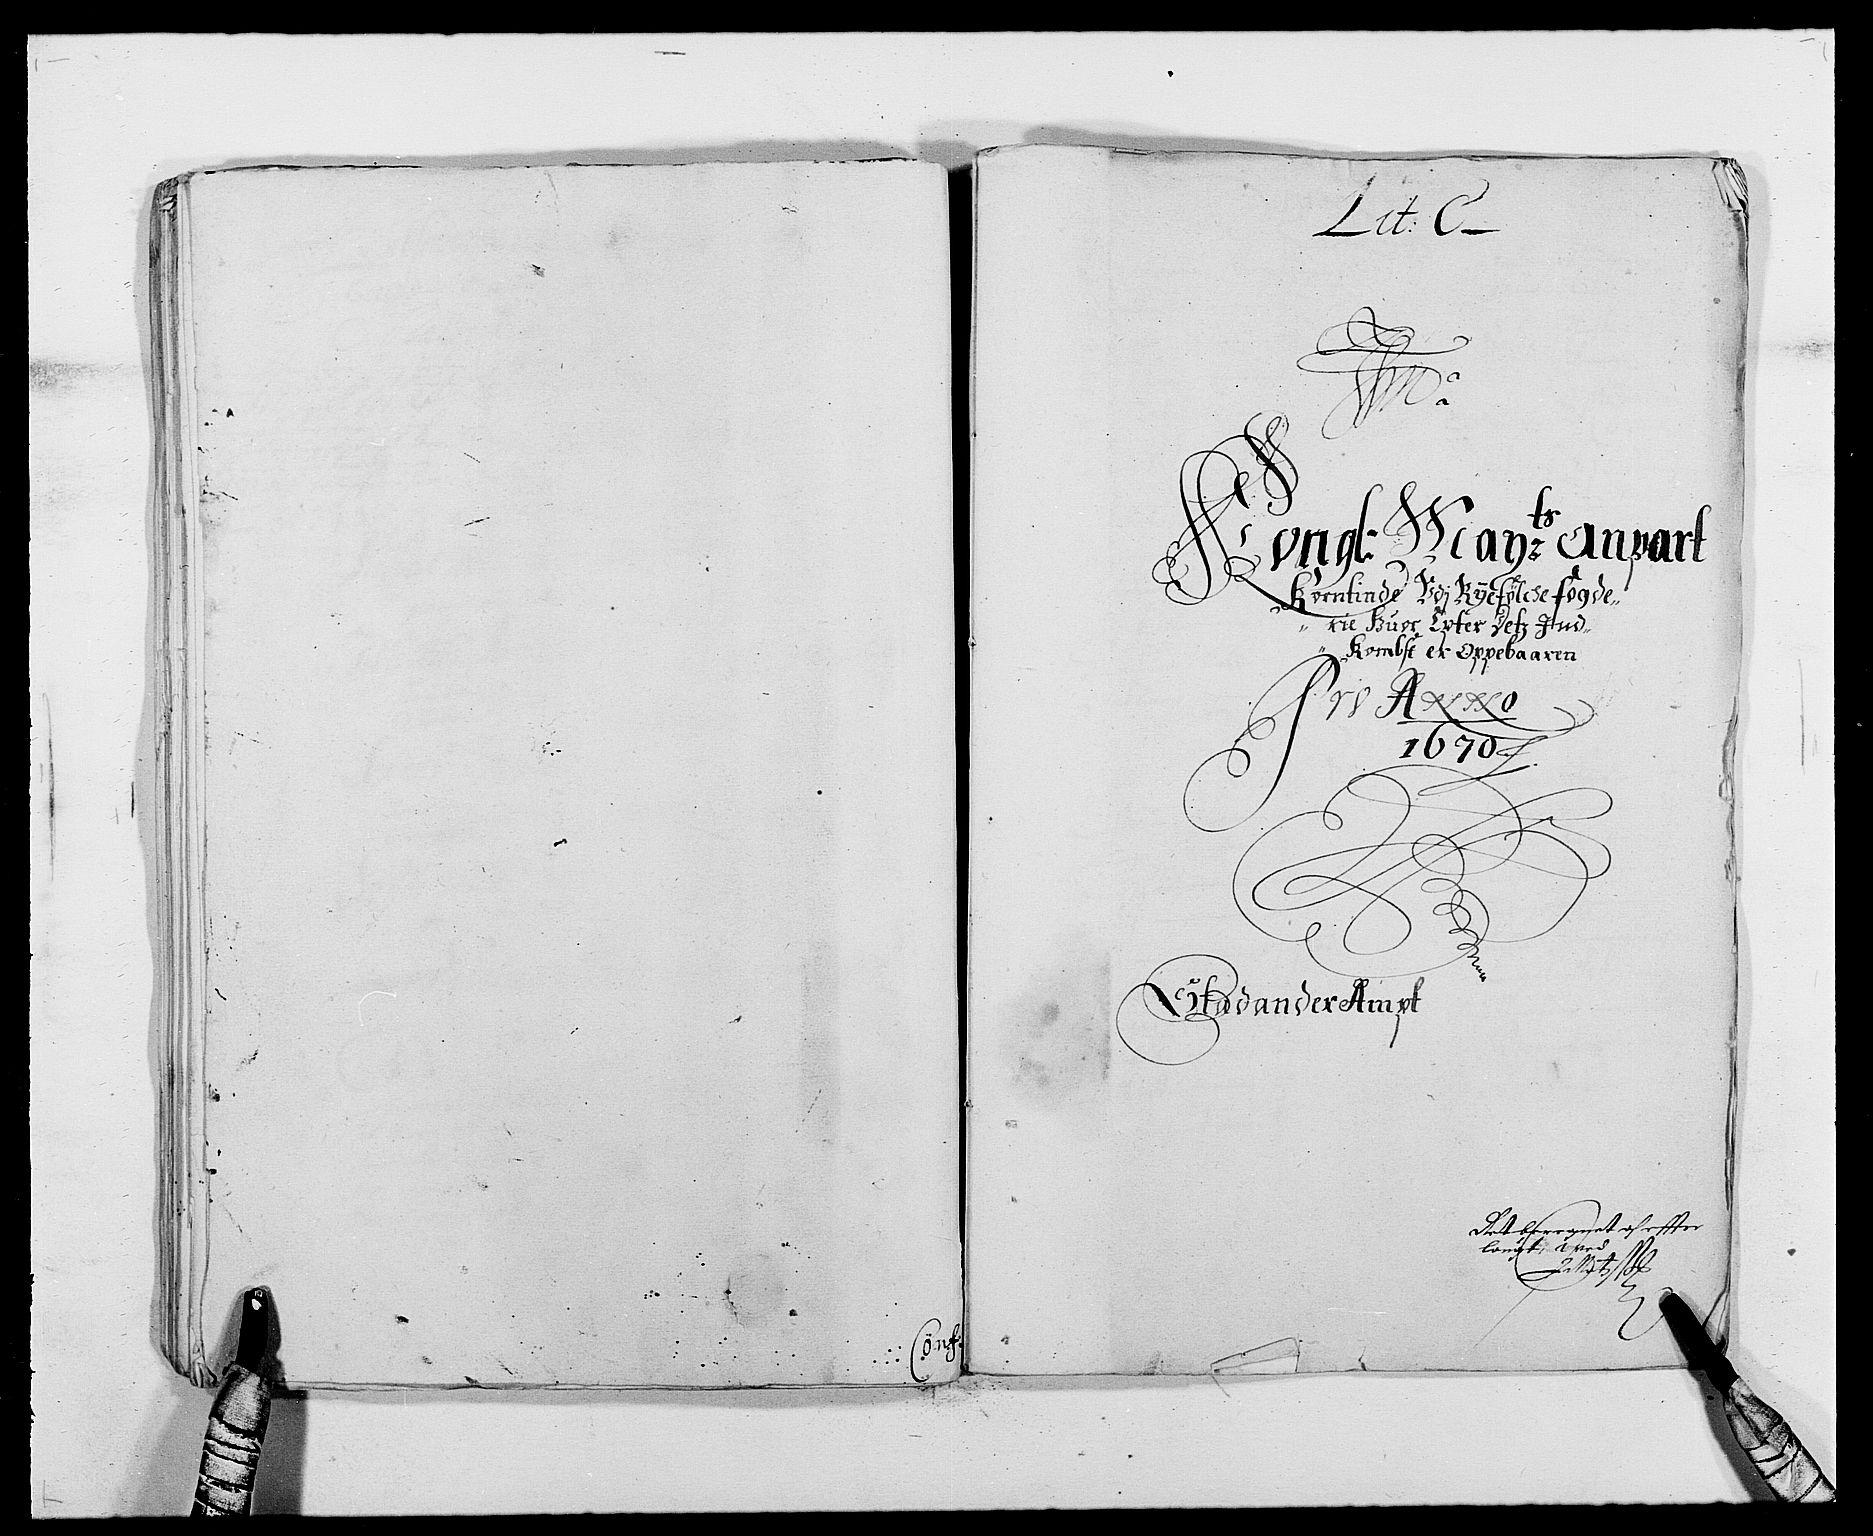 RA, Rentekammeret inntil 1814, Reviderte regnskaper, Fogderegnskap, R47/L2843: Fogderegnskap Ryfylke, 1670-1671, s. 49